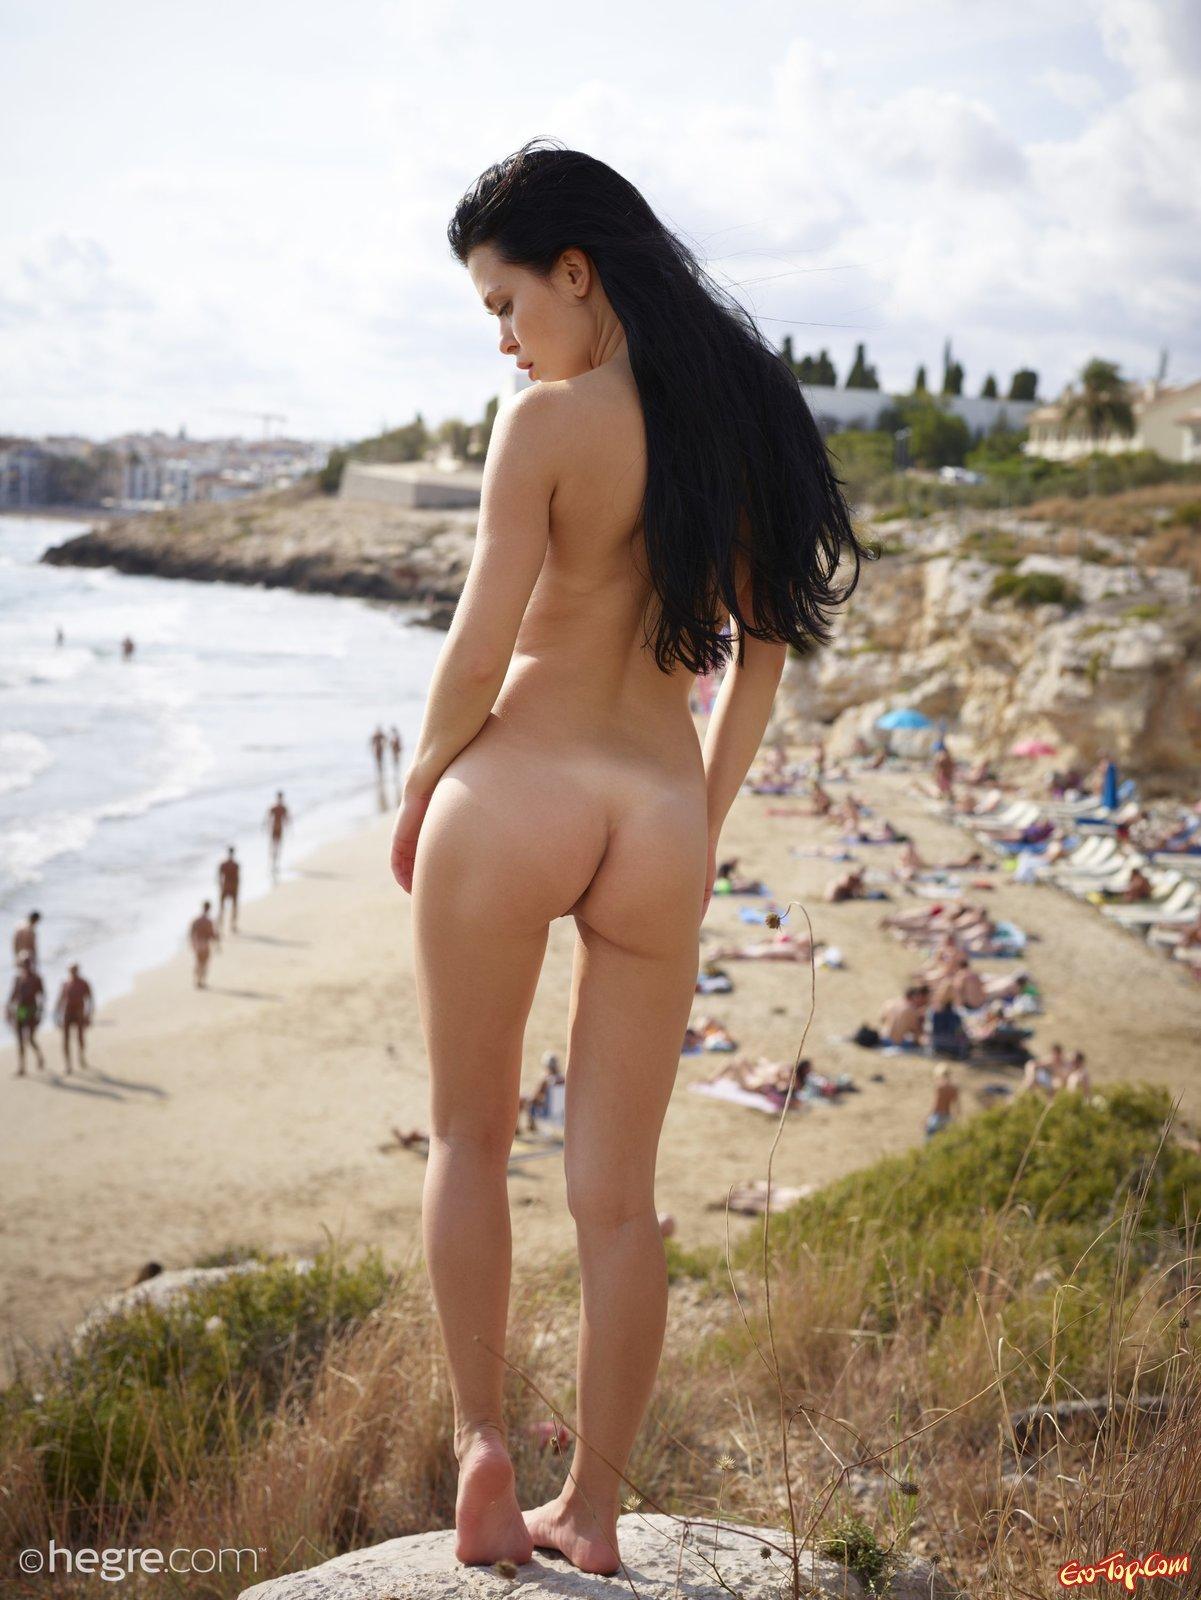 Обнаженная худая брюнетка на фоне нудистского пляжа